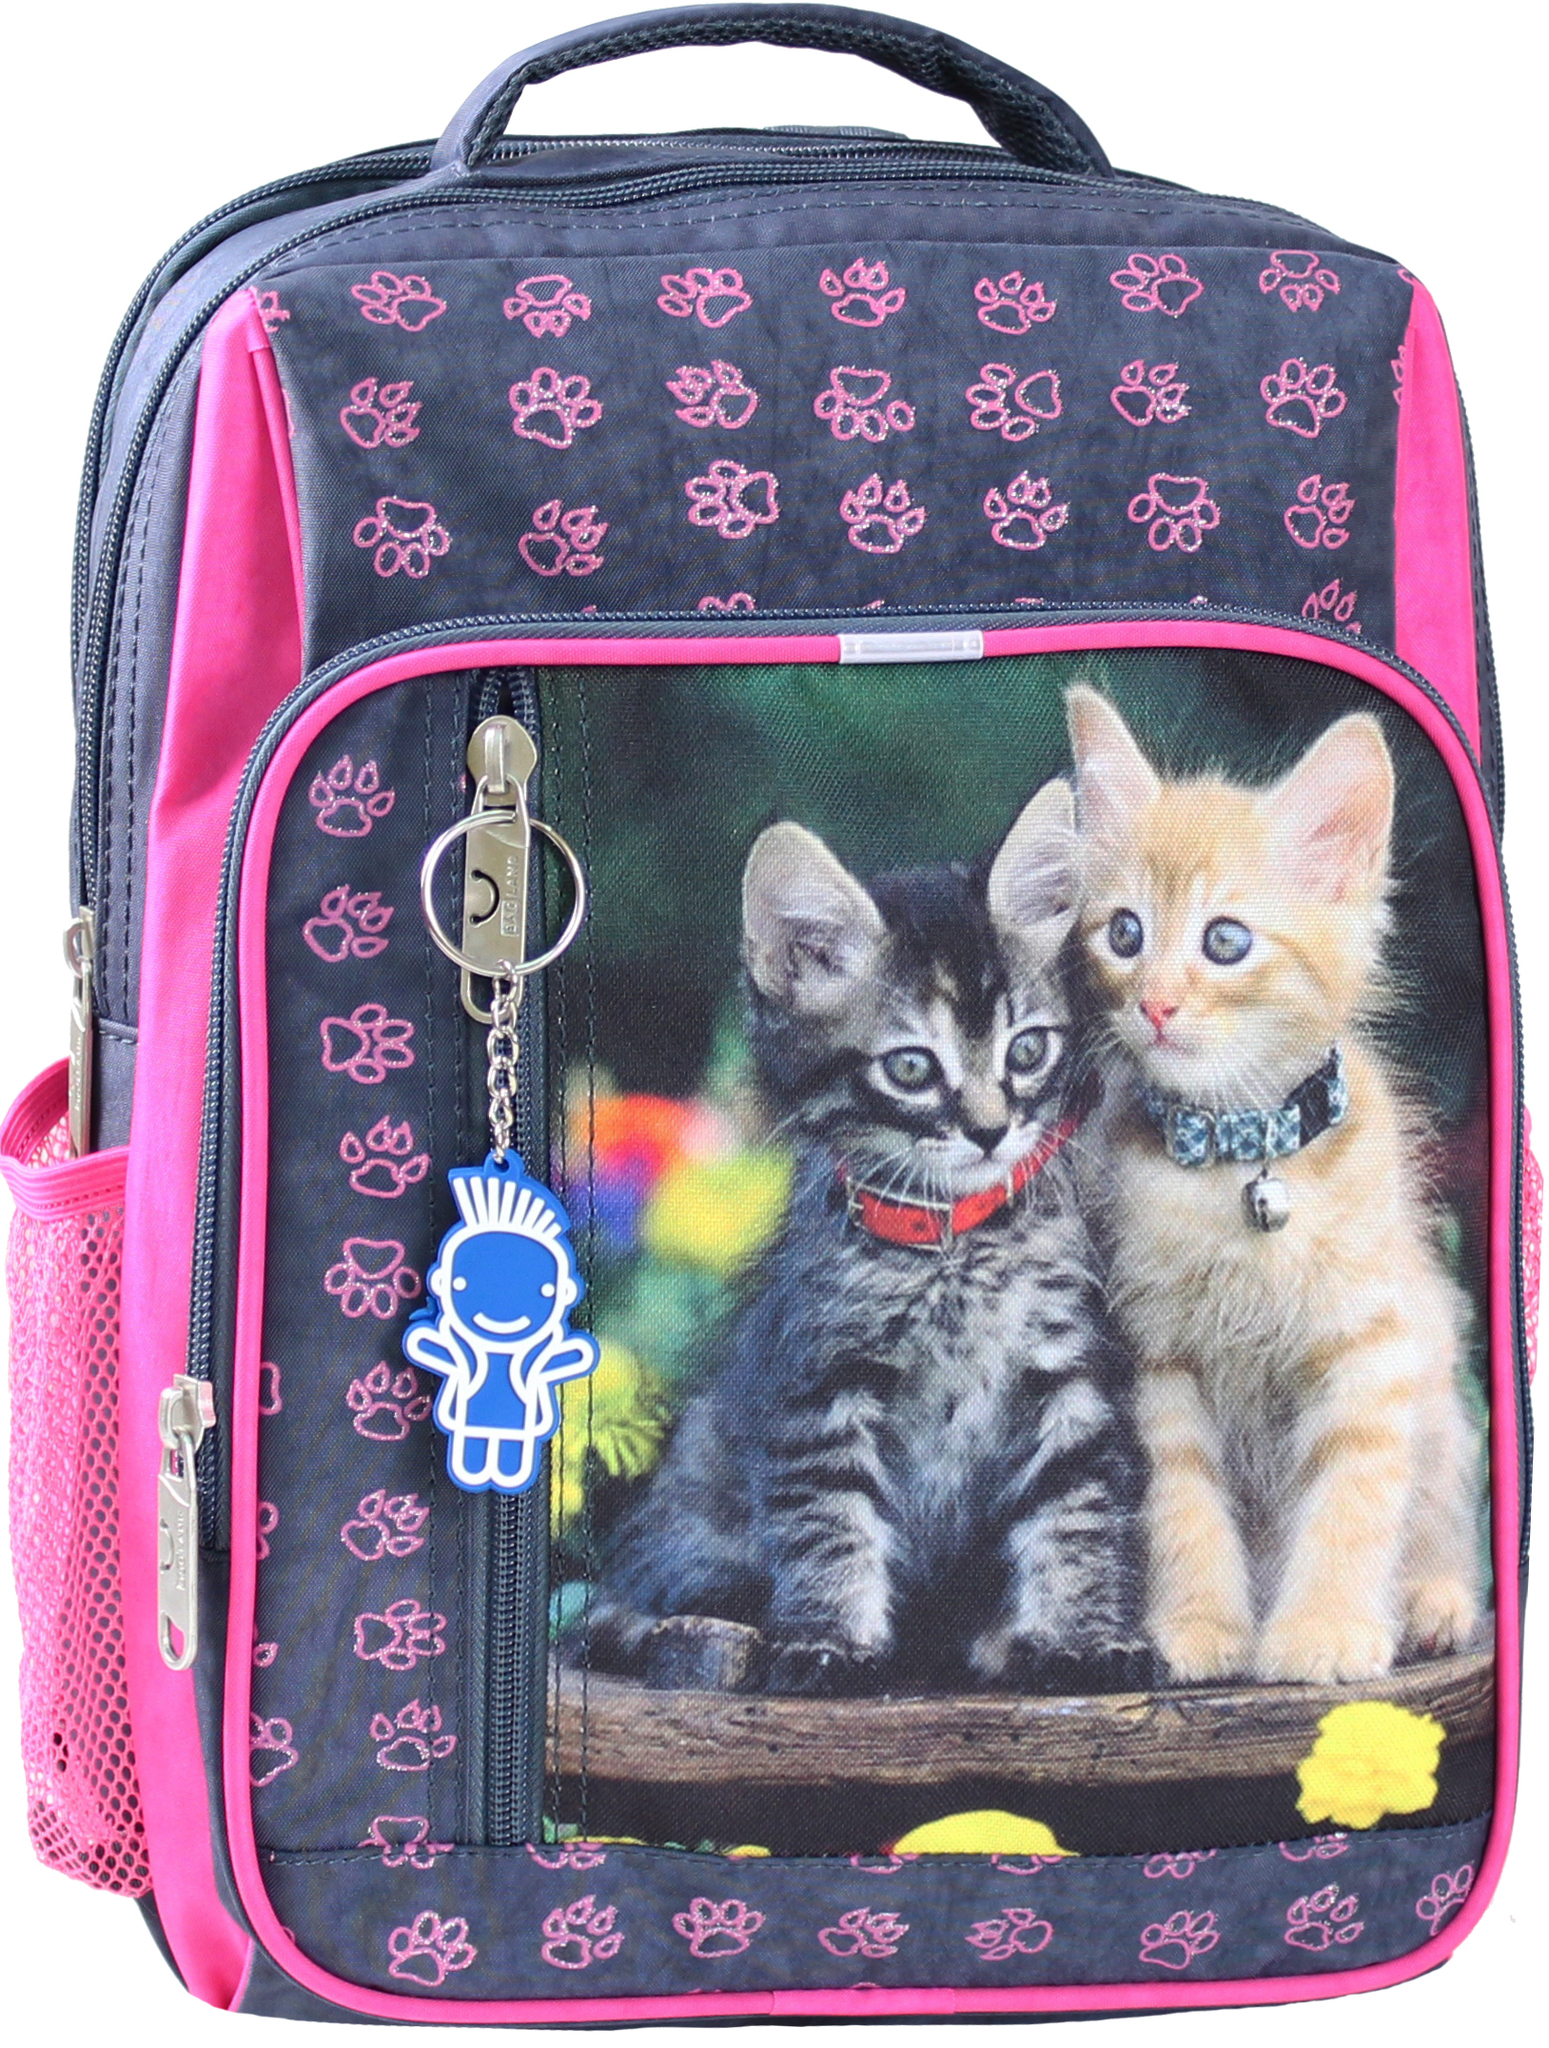 Школьные рюкзаки Рюкзак школьный Bagland Школьник 8 л. 321 сiрий 143 д (00112702) IMG_0315.JPG